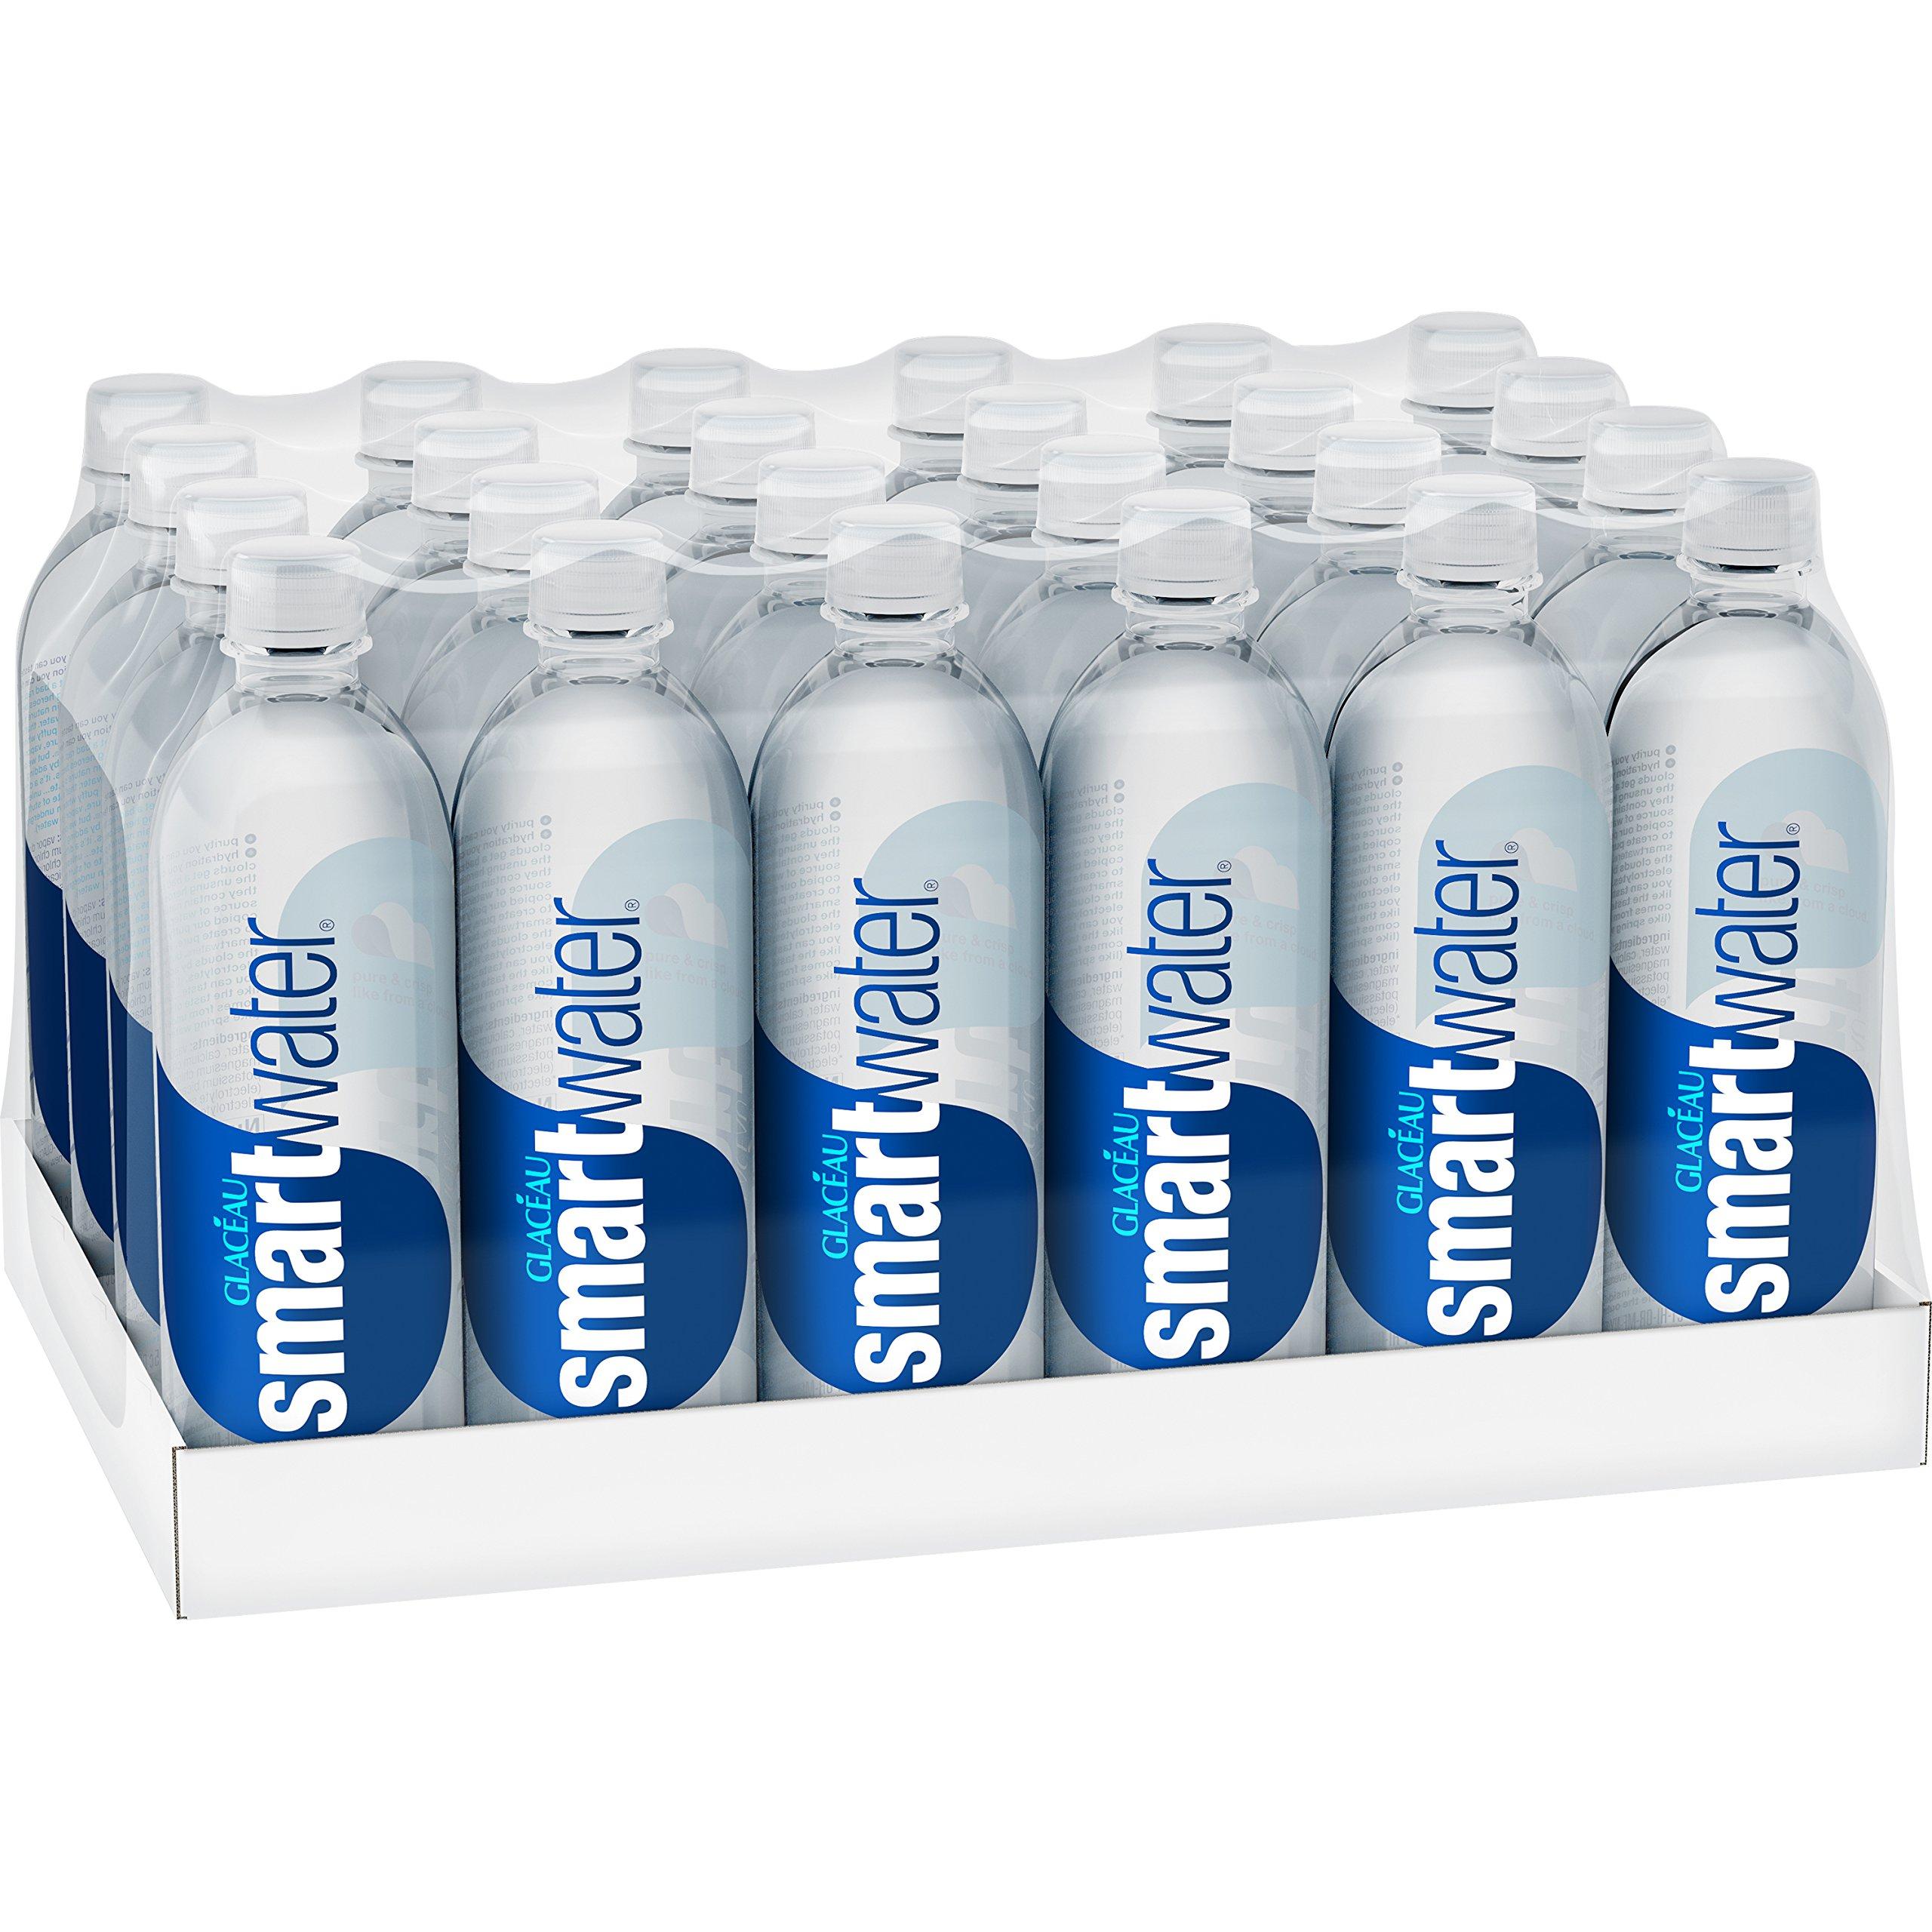 smartwater vapor distilled premium water bottles, 20 fl oz, 24 Pack